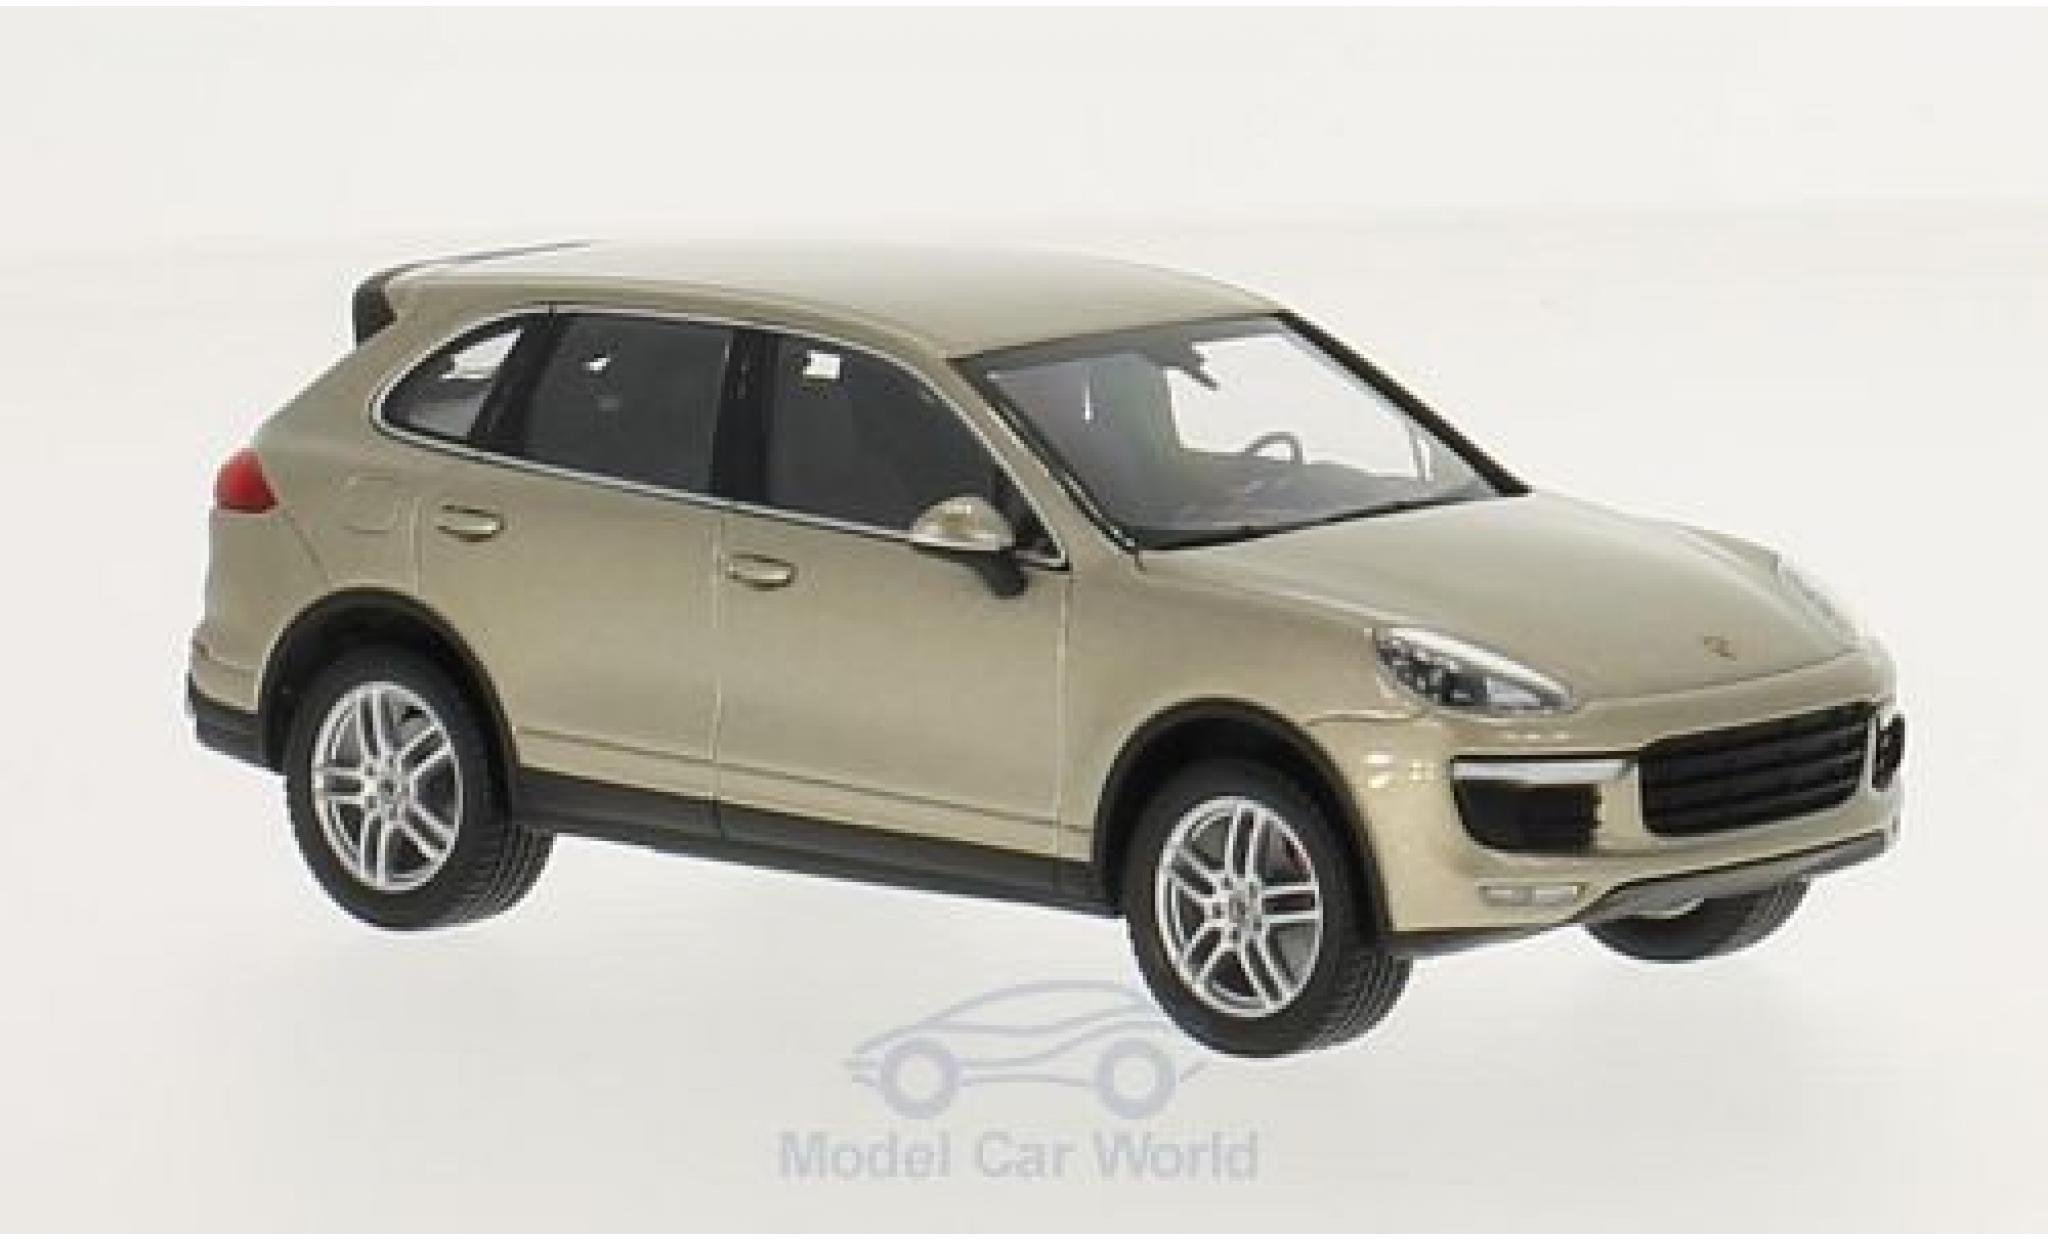 Porsche Cayenne 1/43 I Minichamps Turbo mettalic beige 2014